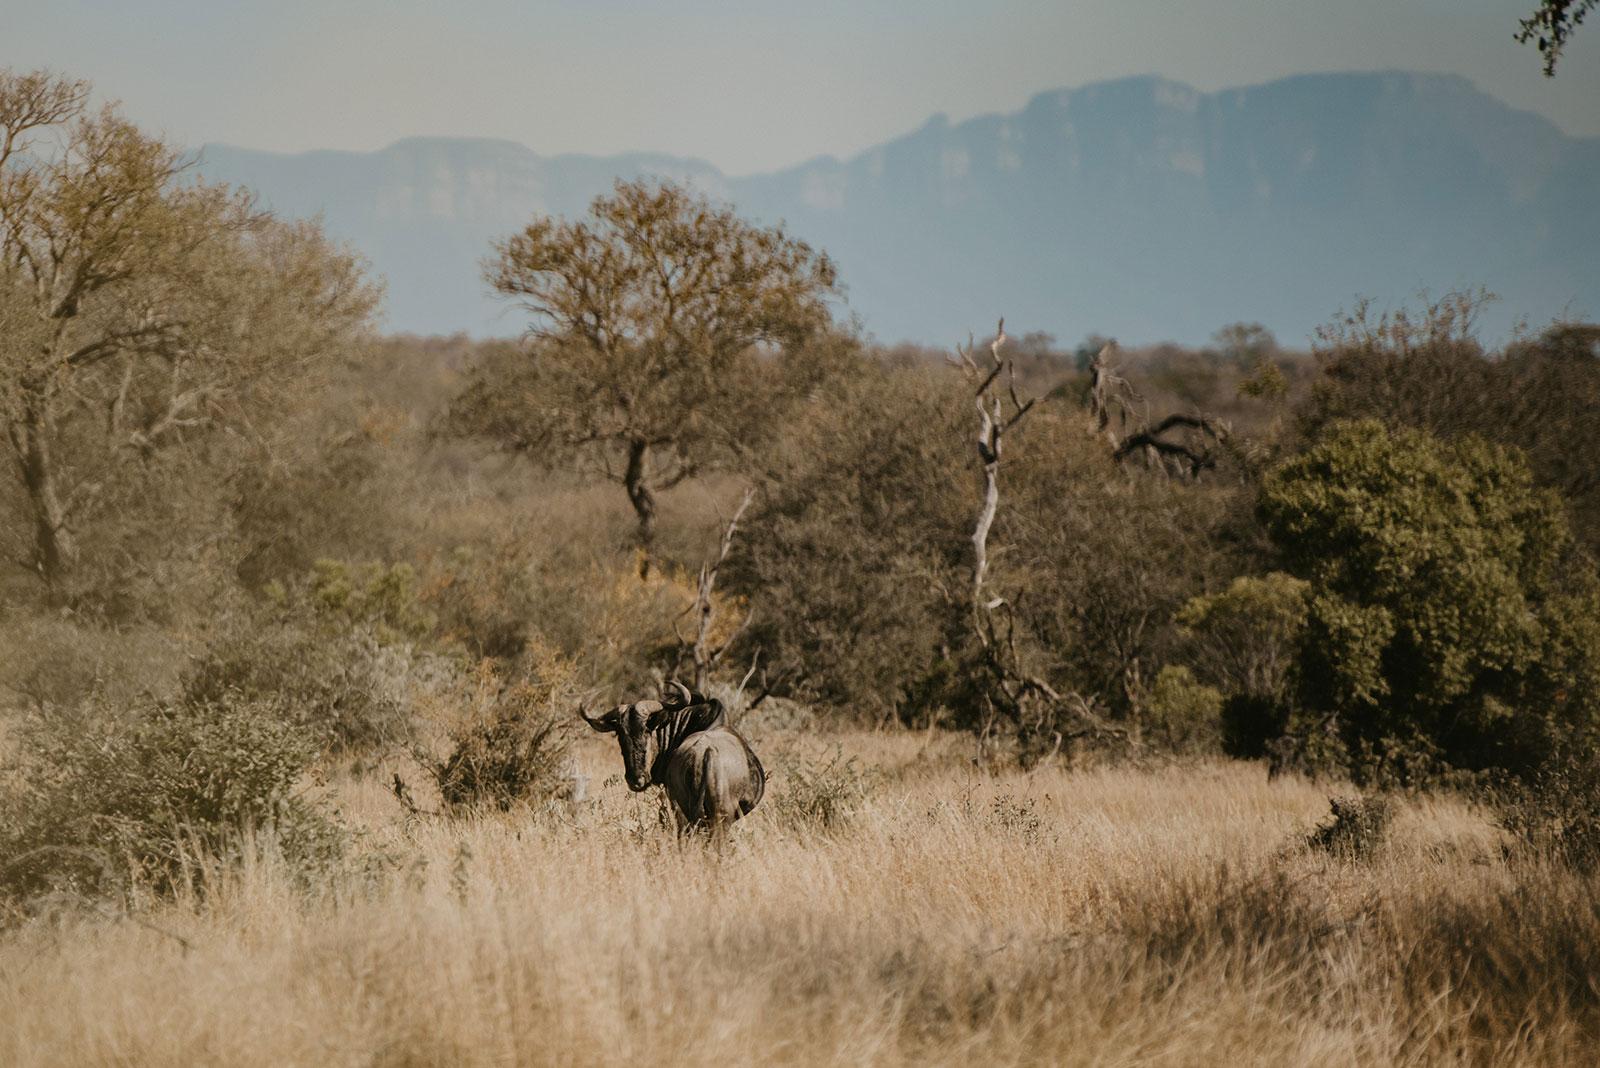 Safari Sighting Arrival